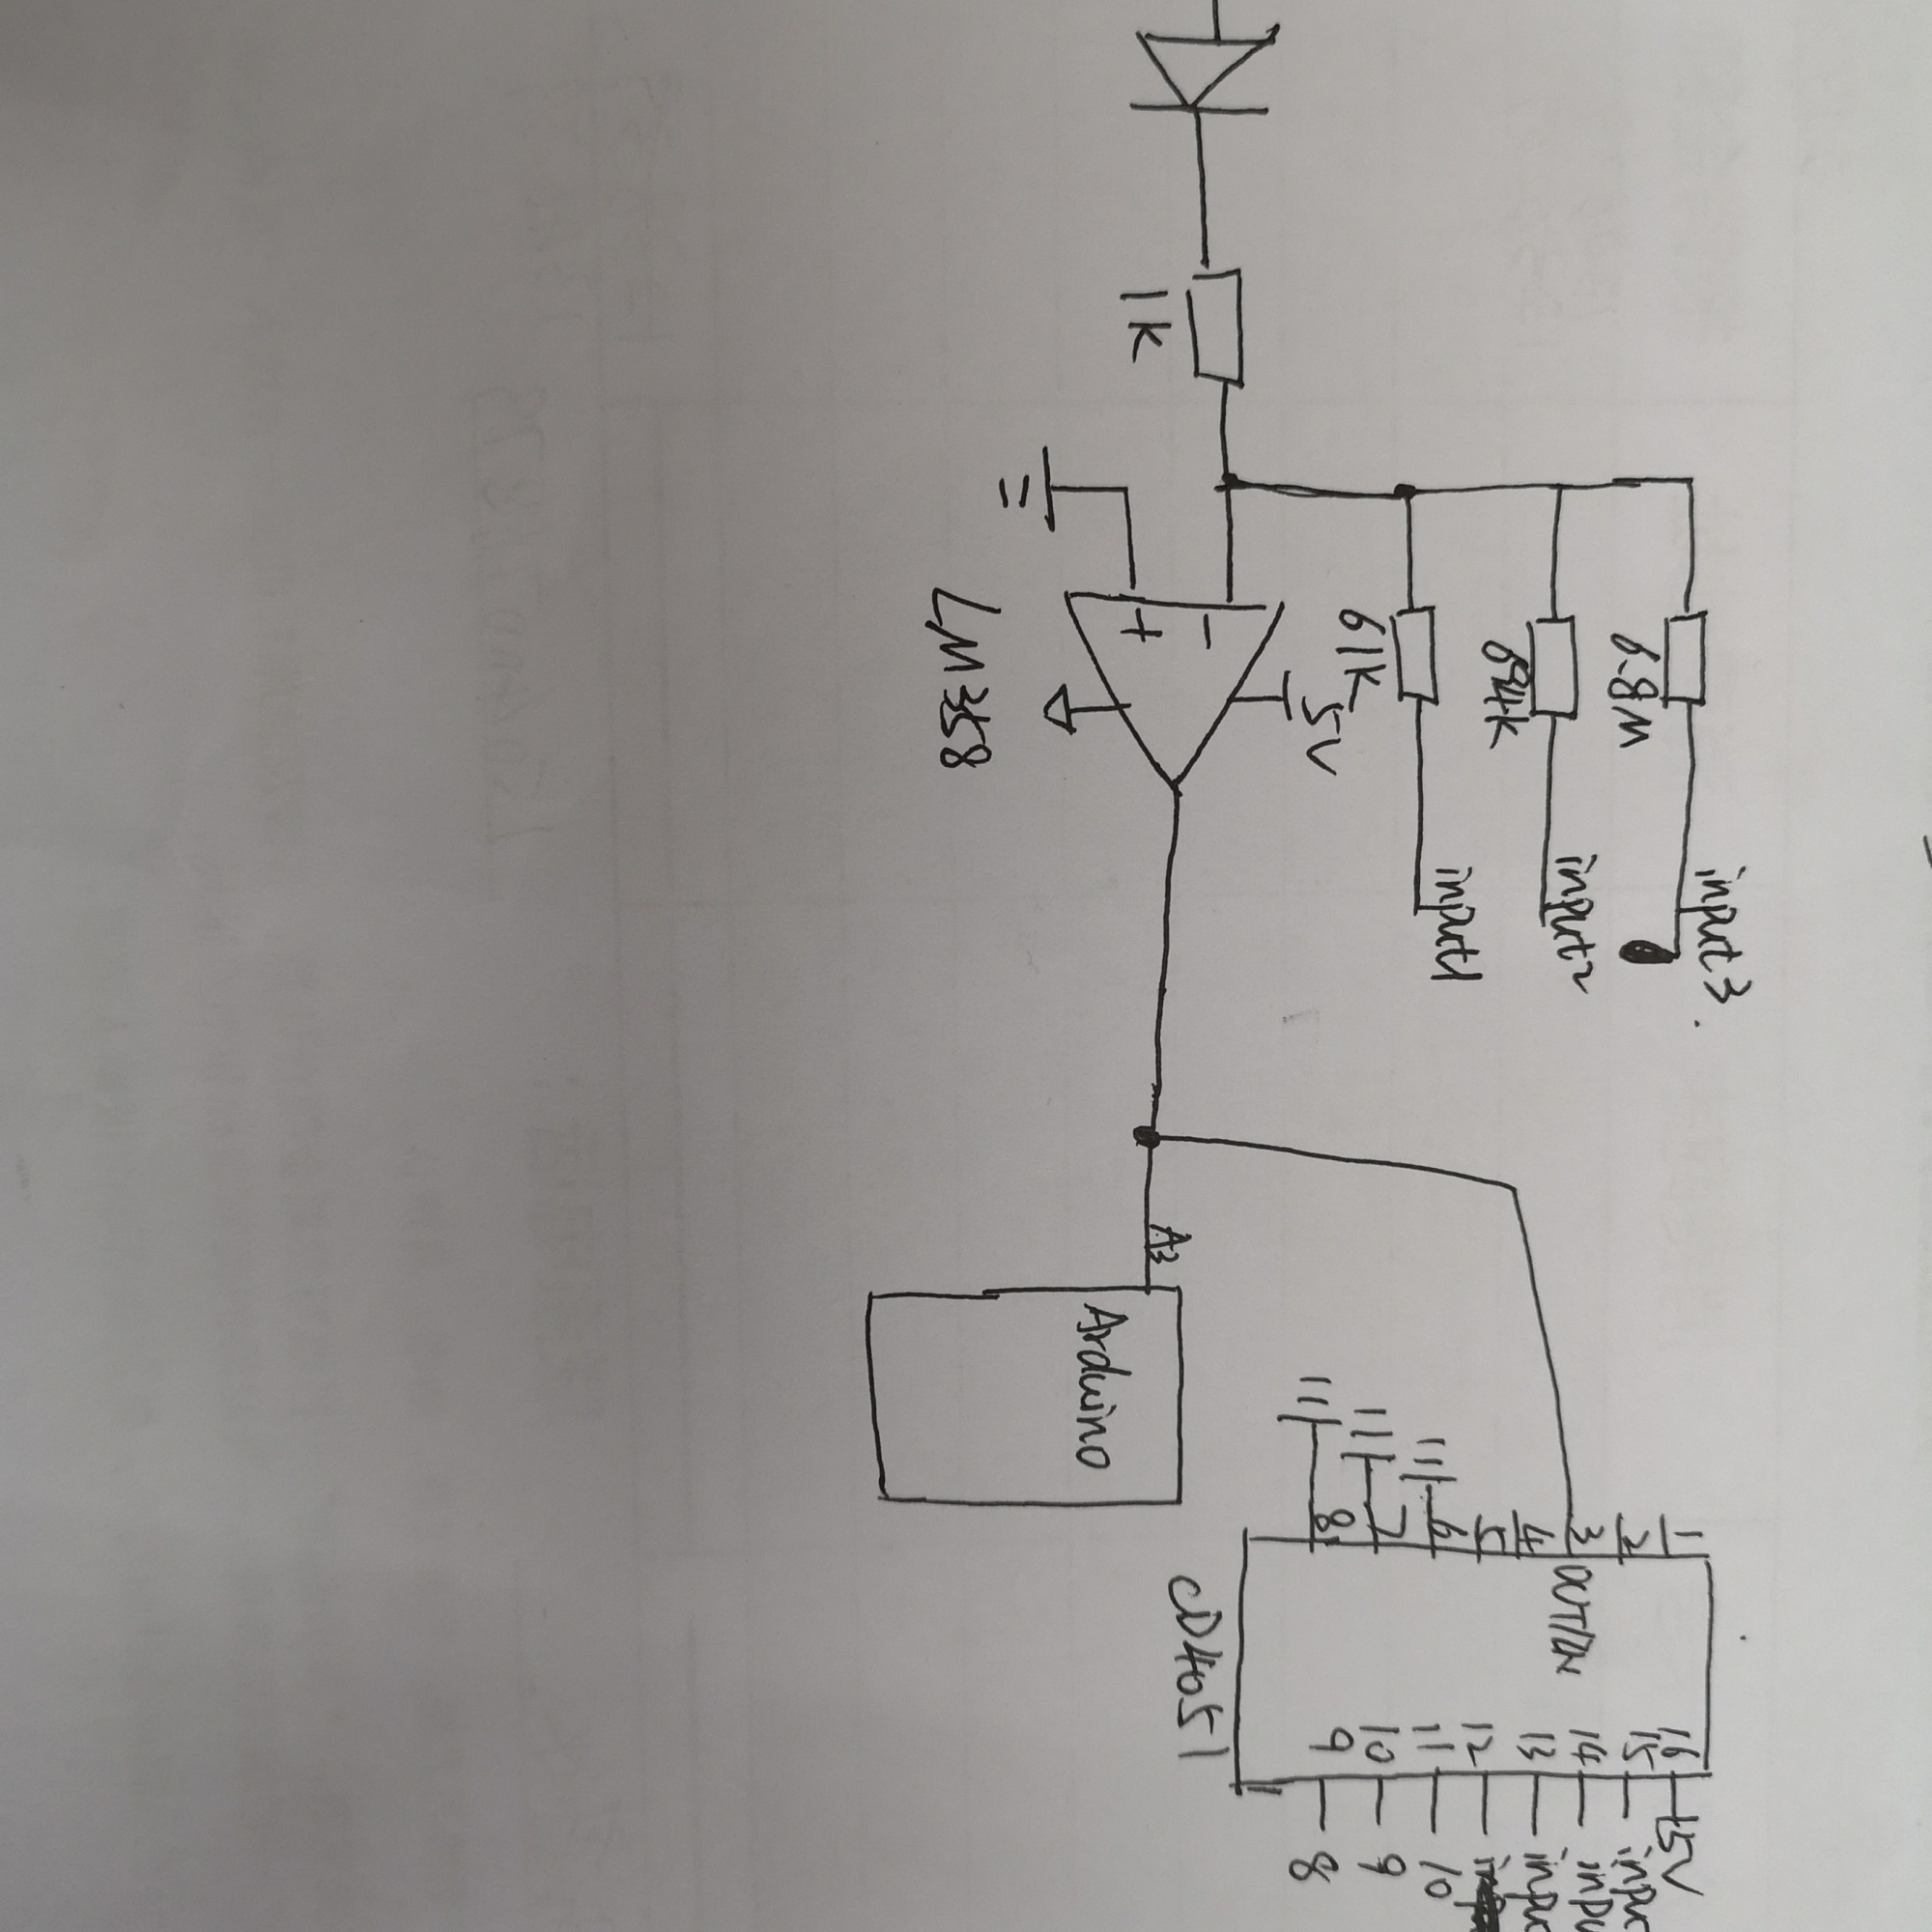 放大器偏置电流大,怎么设计电路